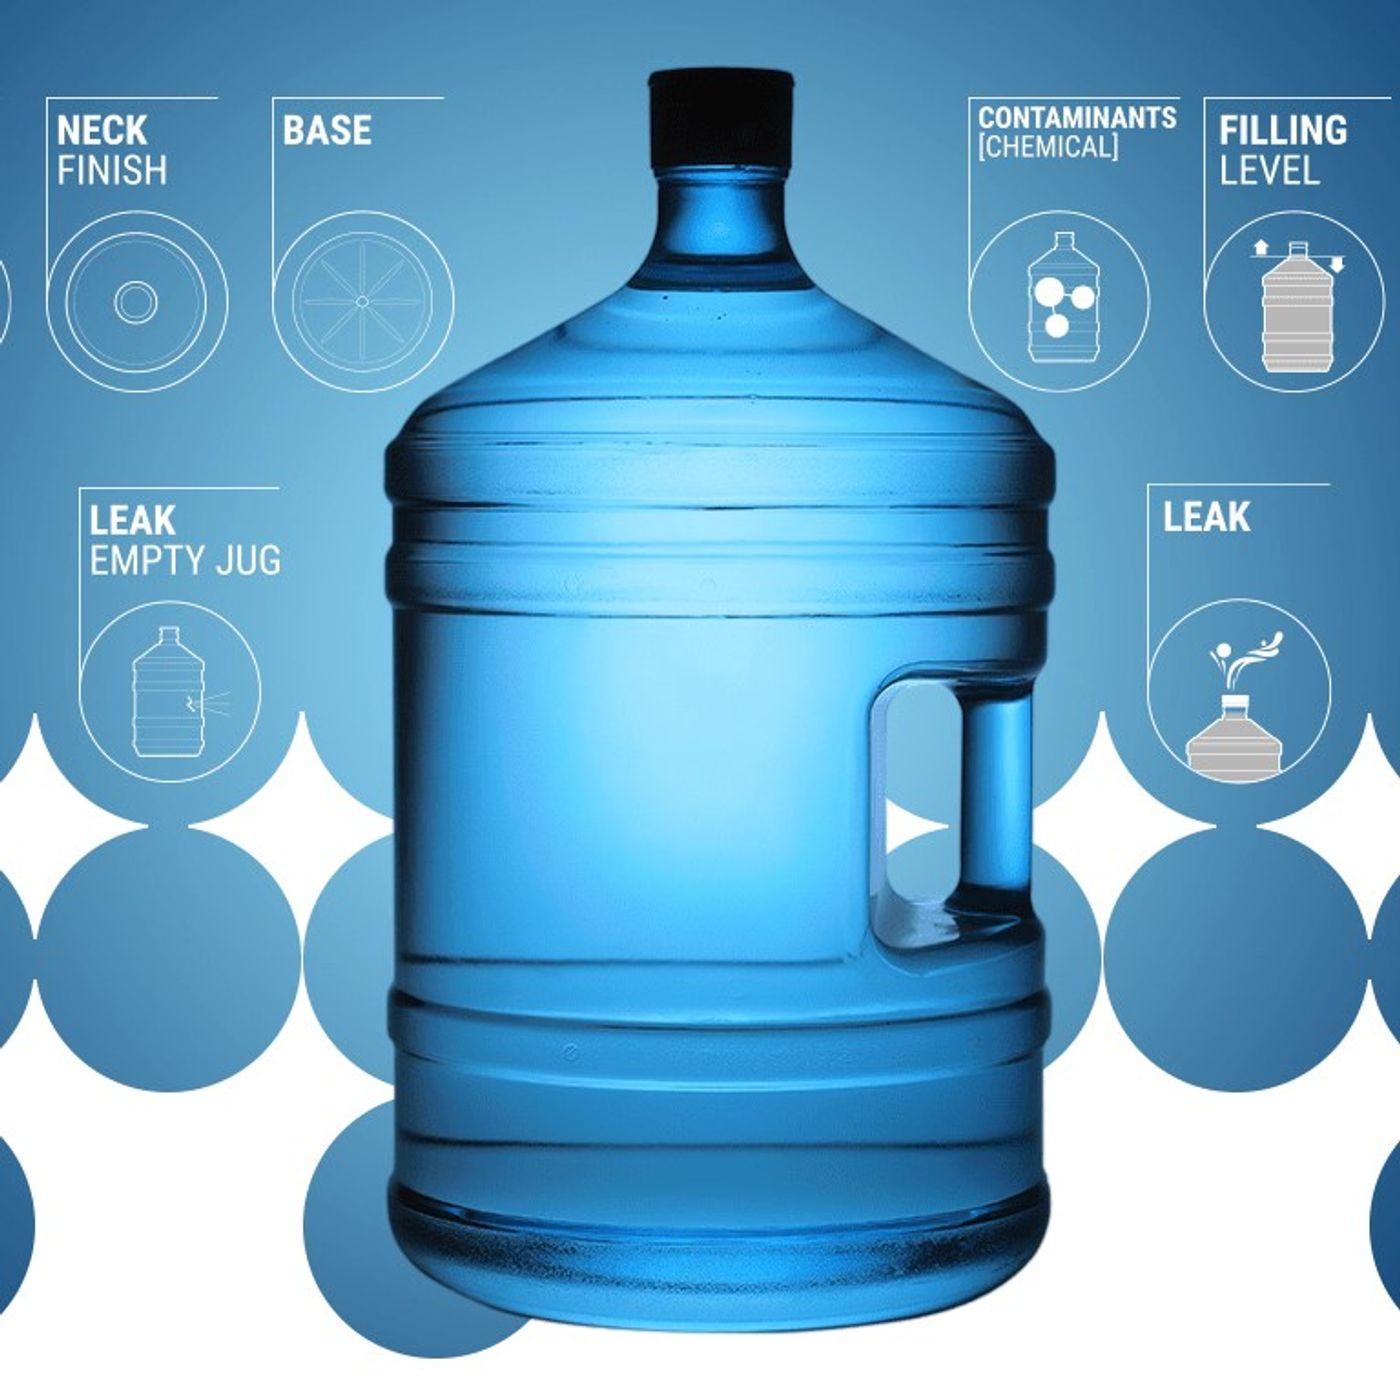 RADIO ANTARES VISION - Ispezione dei boccioni d'acqua: scopriamo l'innovativa soluzione automatica di FT System